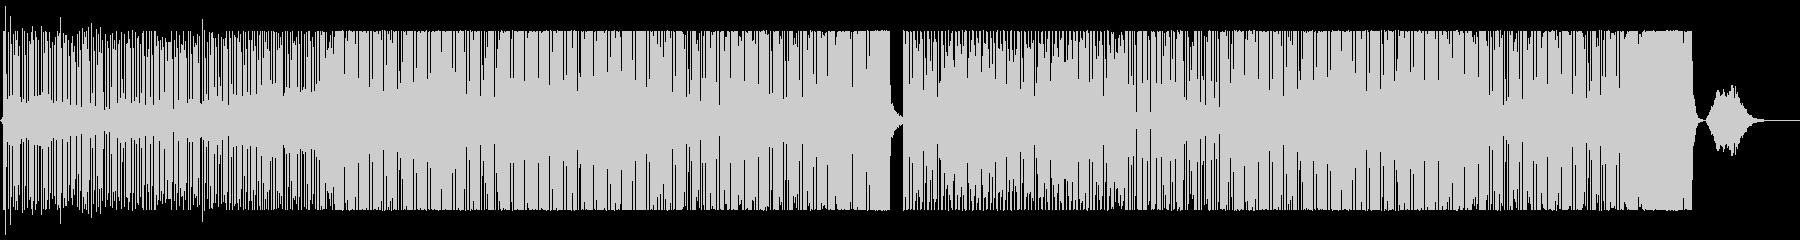 クールかつシンプルなテクノ、ループ利用可の未再生の波形